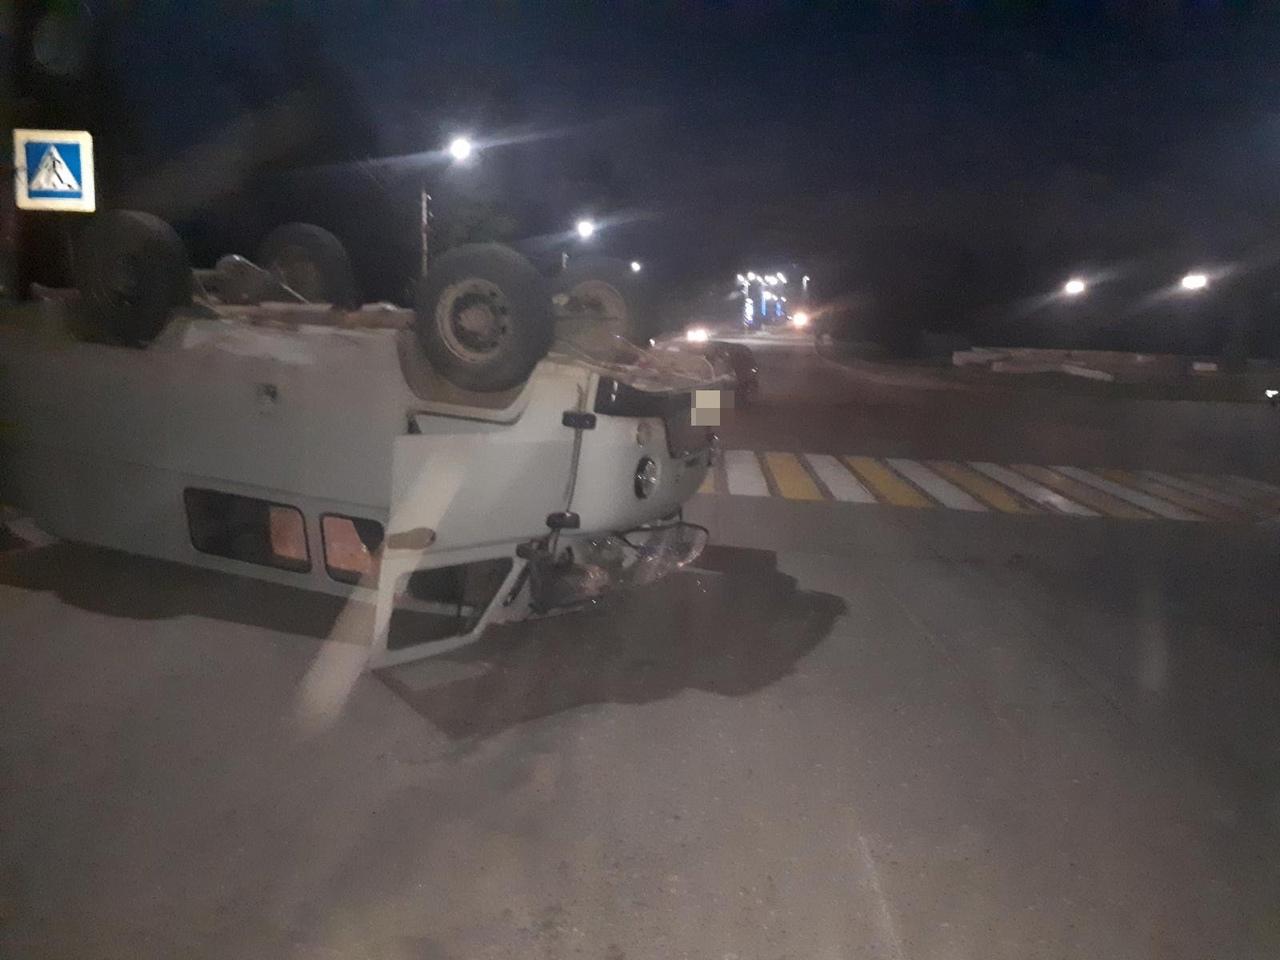 УАЗ опрокинулся после столкновения с иномаркой в Тверской области, есть пострадавшая